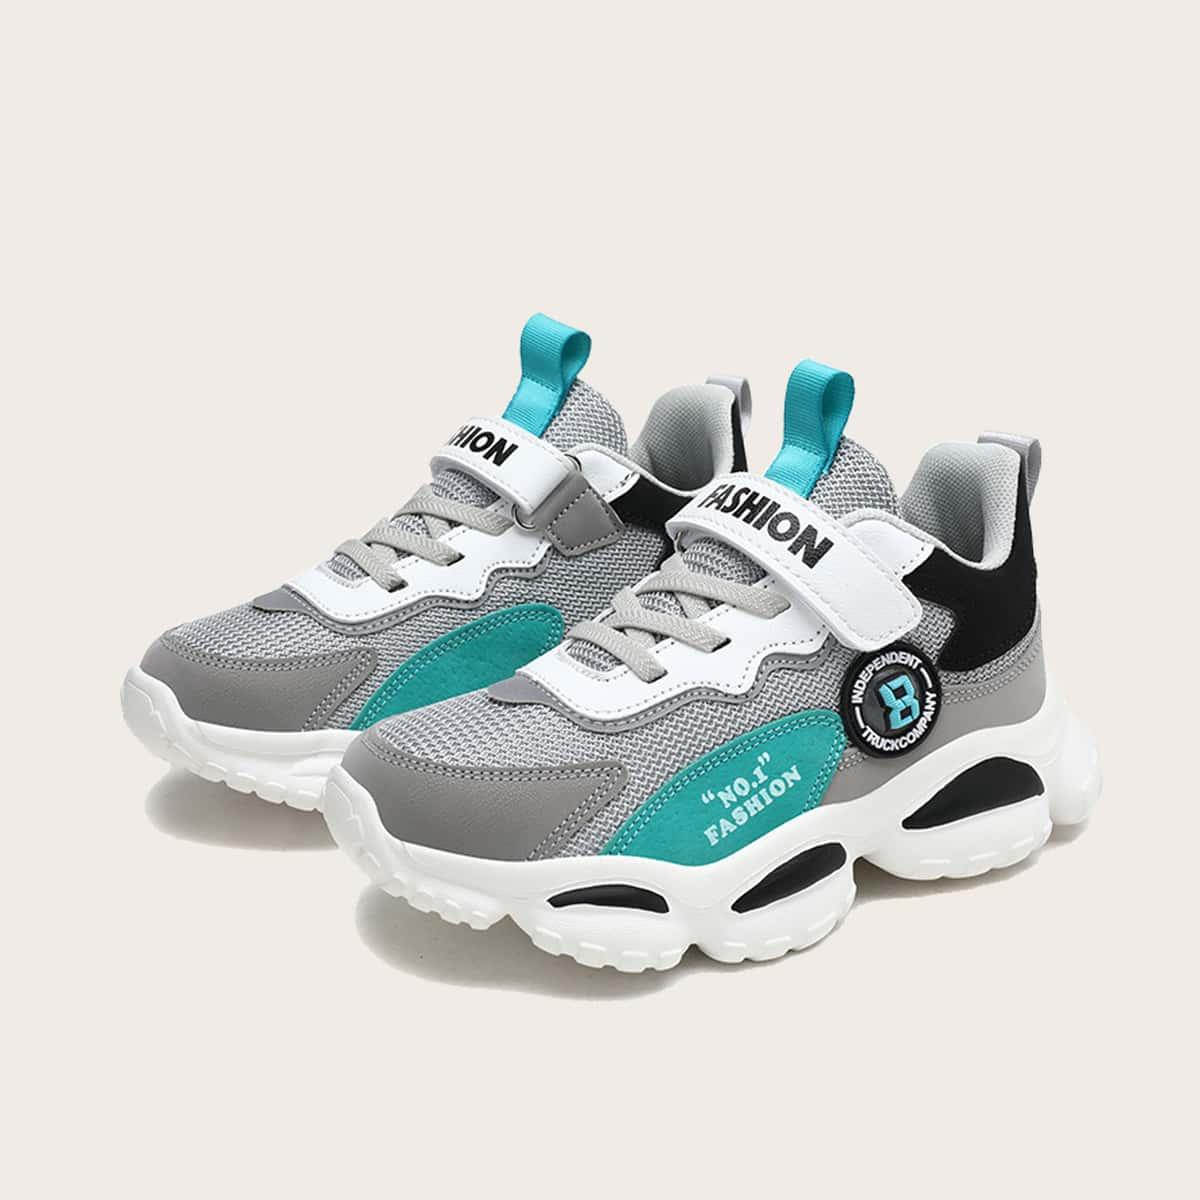 Кроссовки на платформе с текстовым принтом для мальчиков по цене 1 550